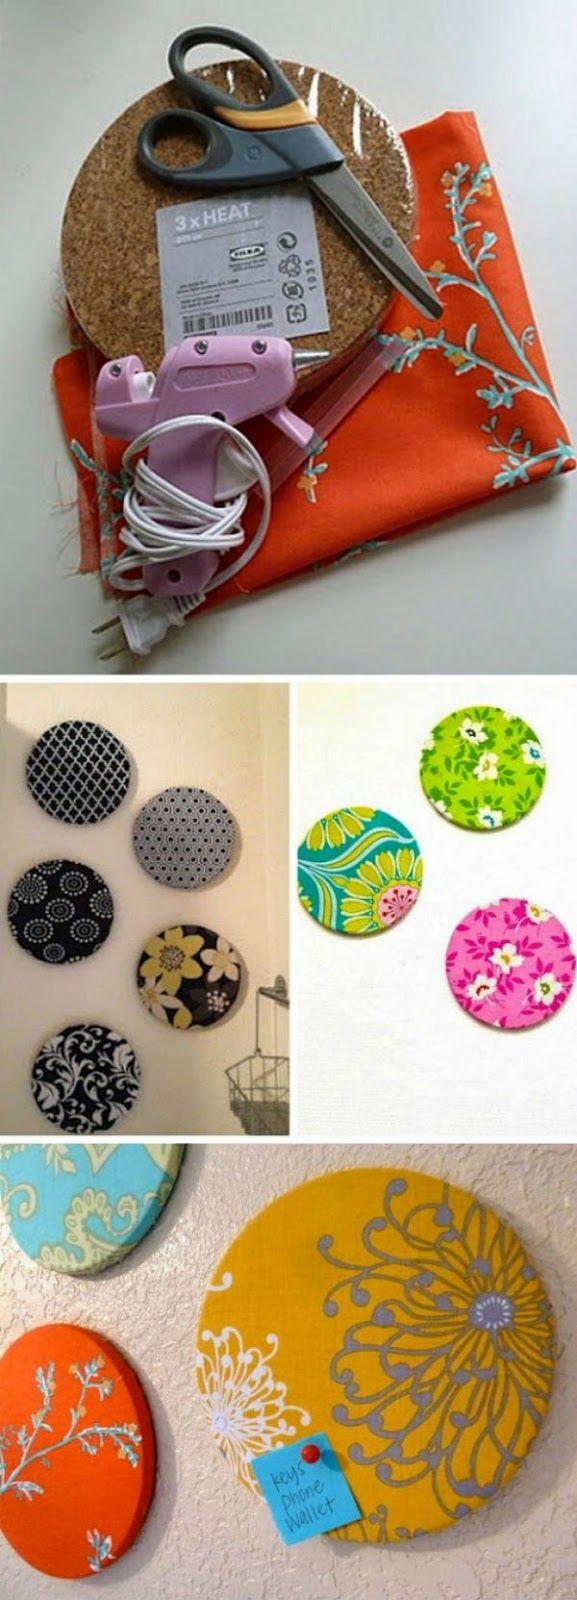 pontos de interesse: Ideias criativas para organizar e decorar #80